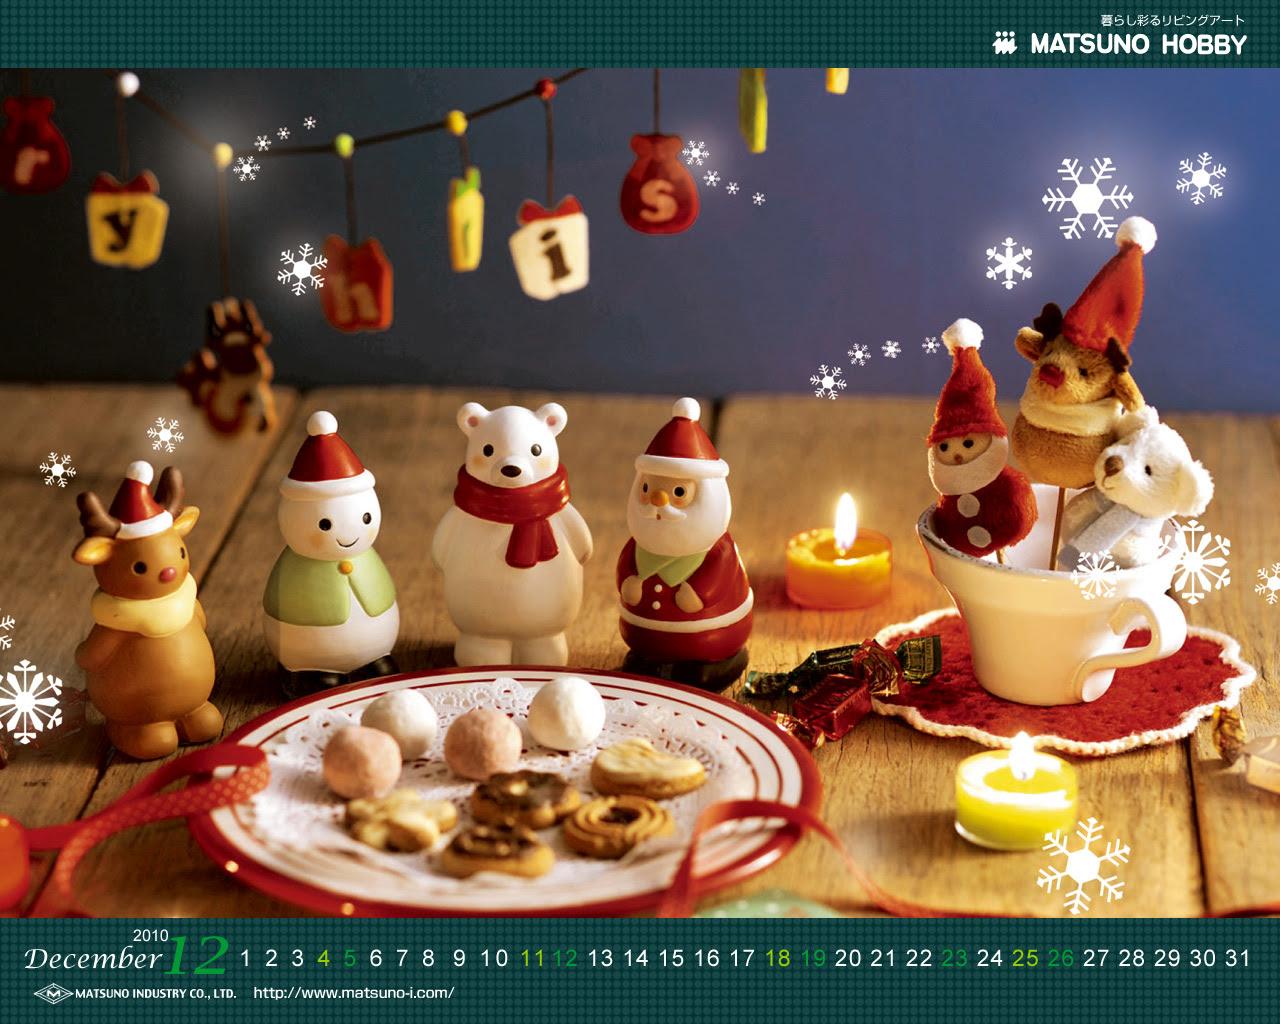 海外ガールに人気 オシャレで可愛いクリスマス壁紙35選  - かわいいクリスマス壁紙